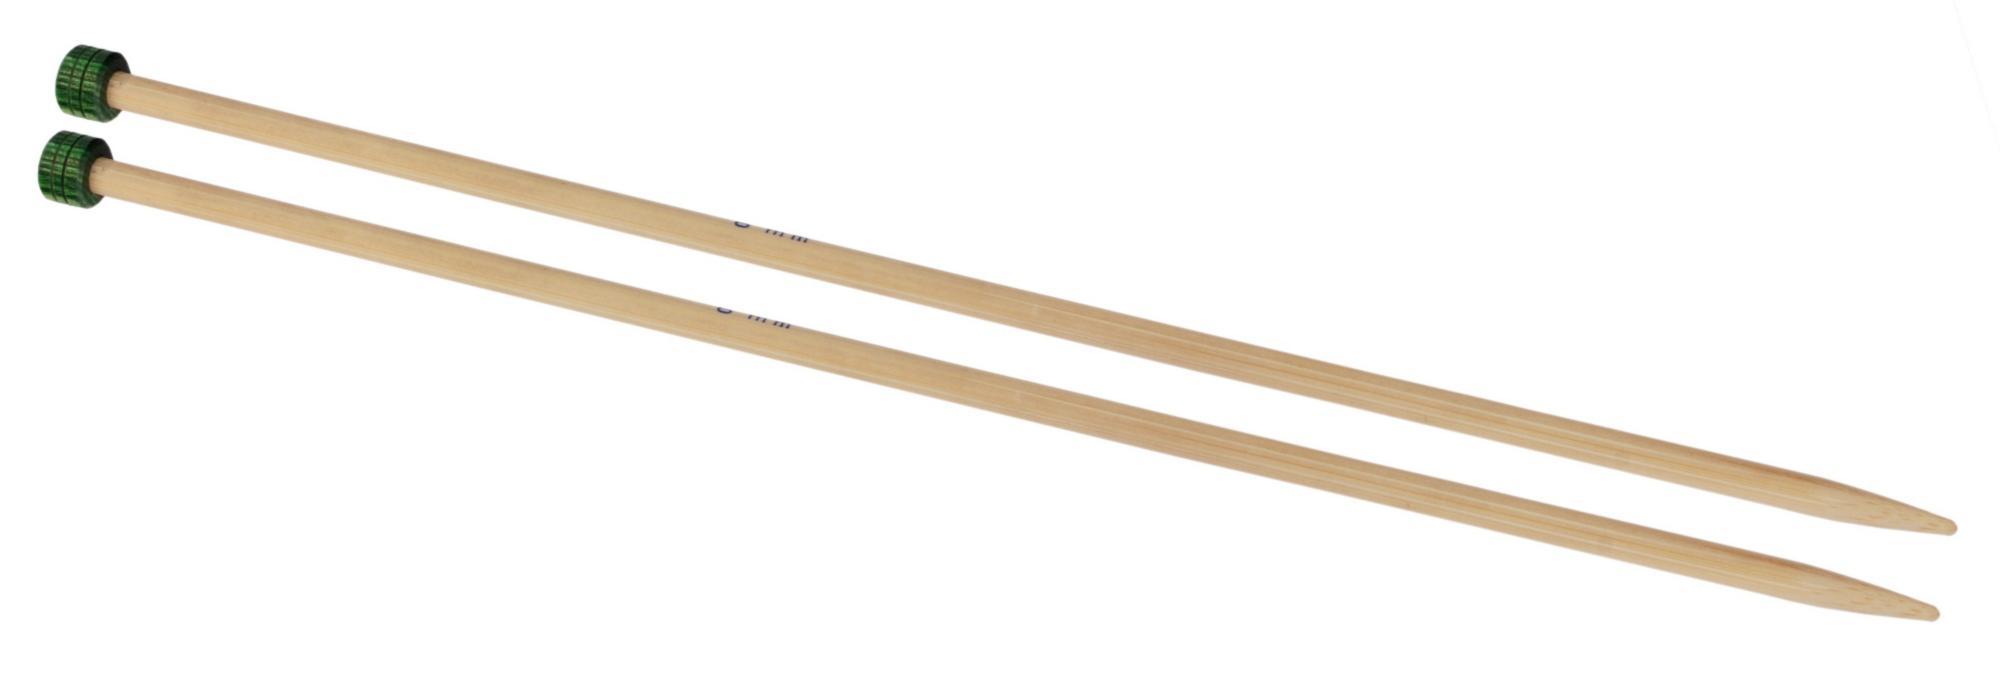 Спицы прямые 30 см Bamboo KnitPro, 22323, 2.50 мм